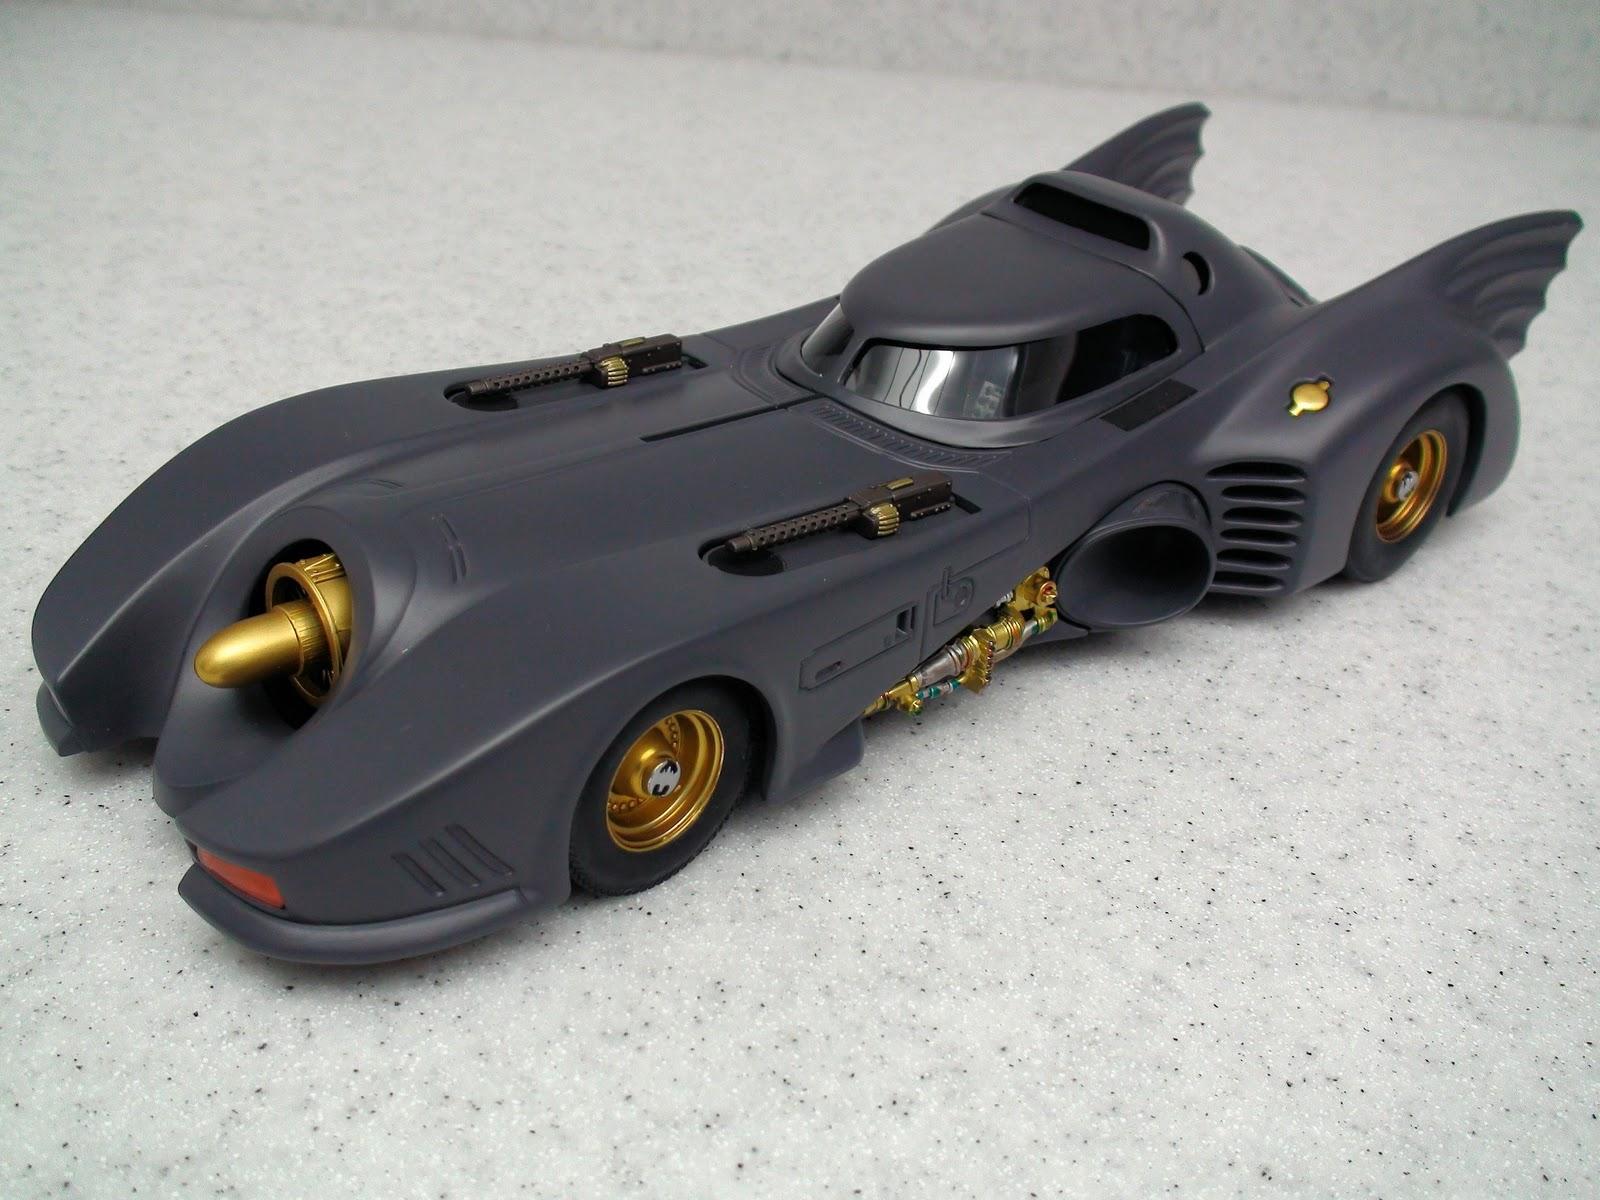 Pseudo Cars: Batmobile